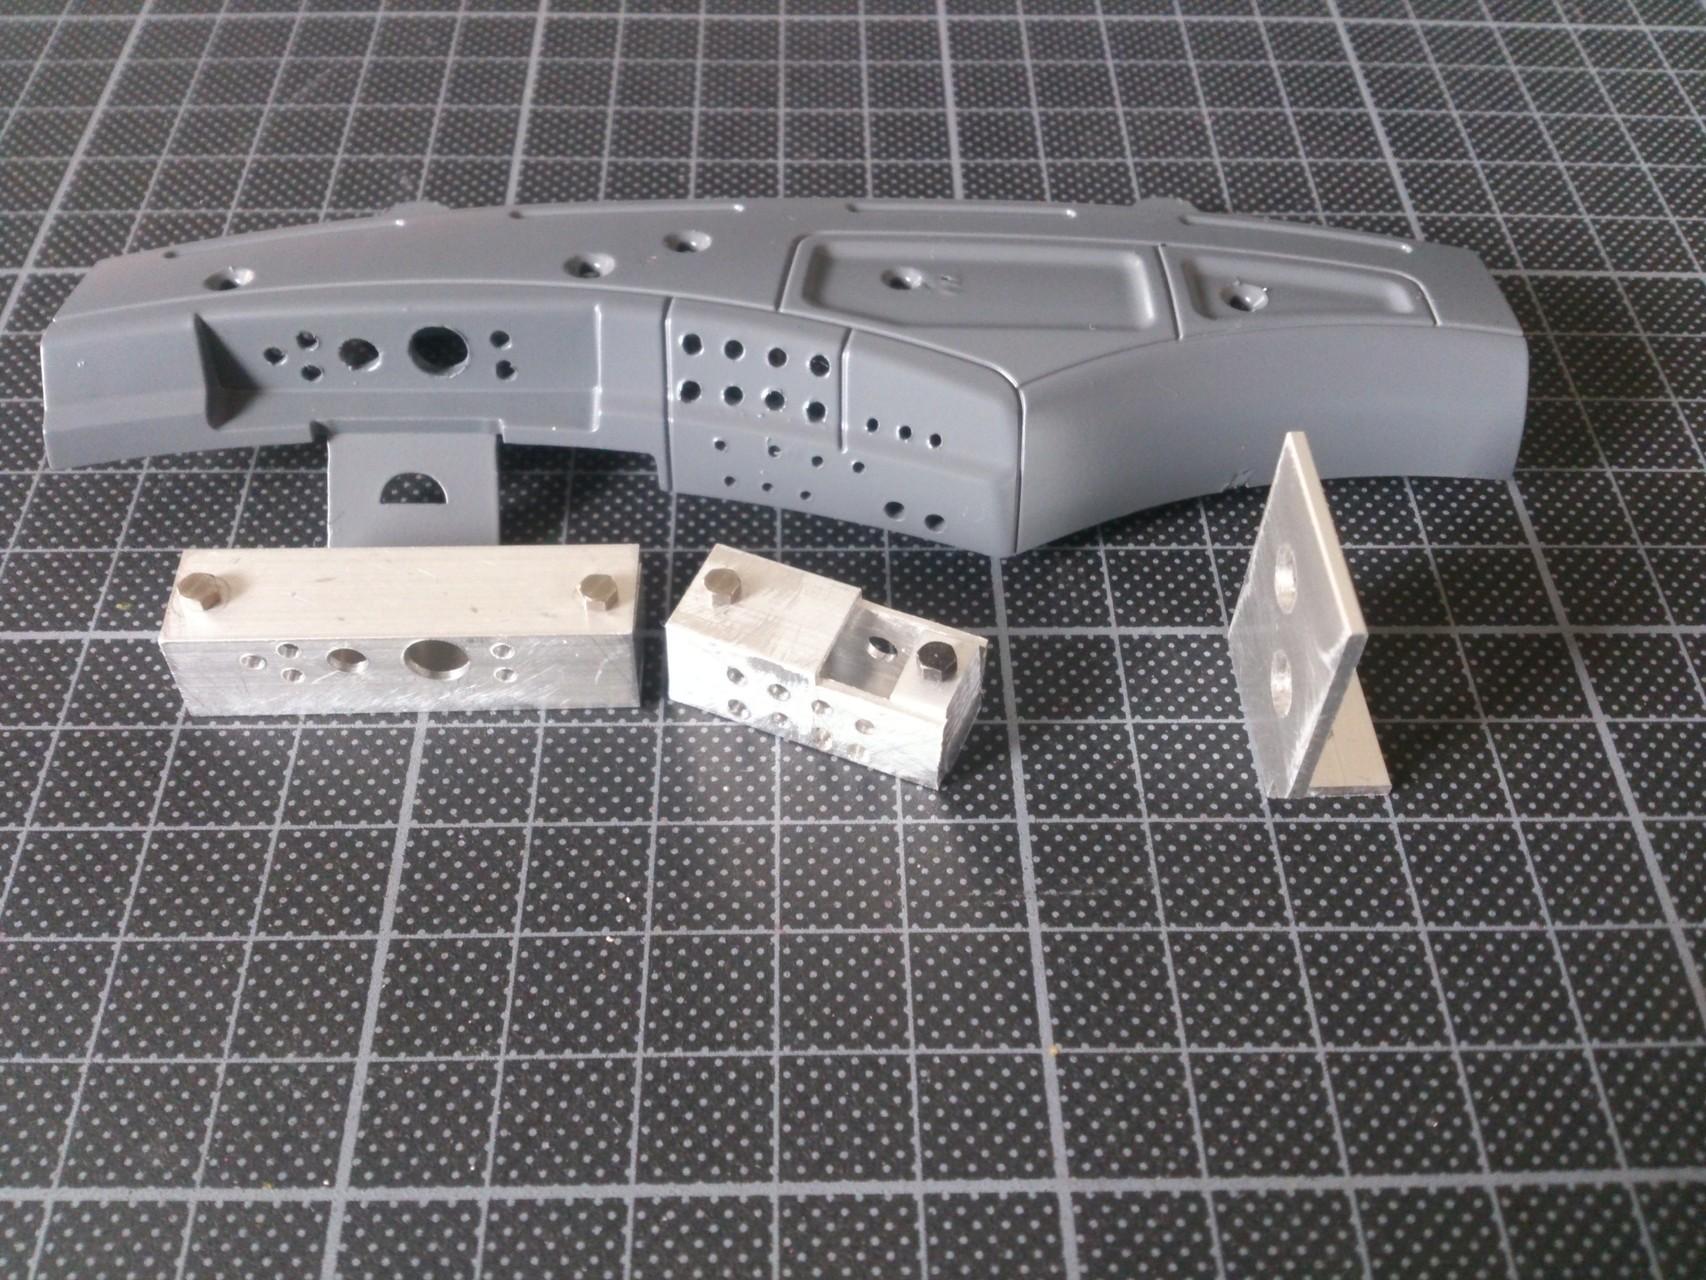 ラッカー塗装後のダッシュボードとLED取付用ボックス